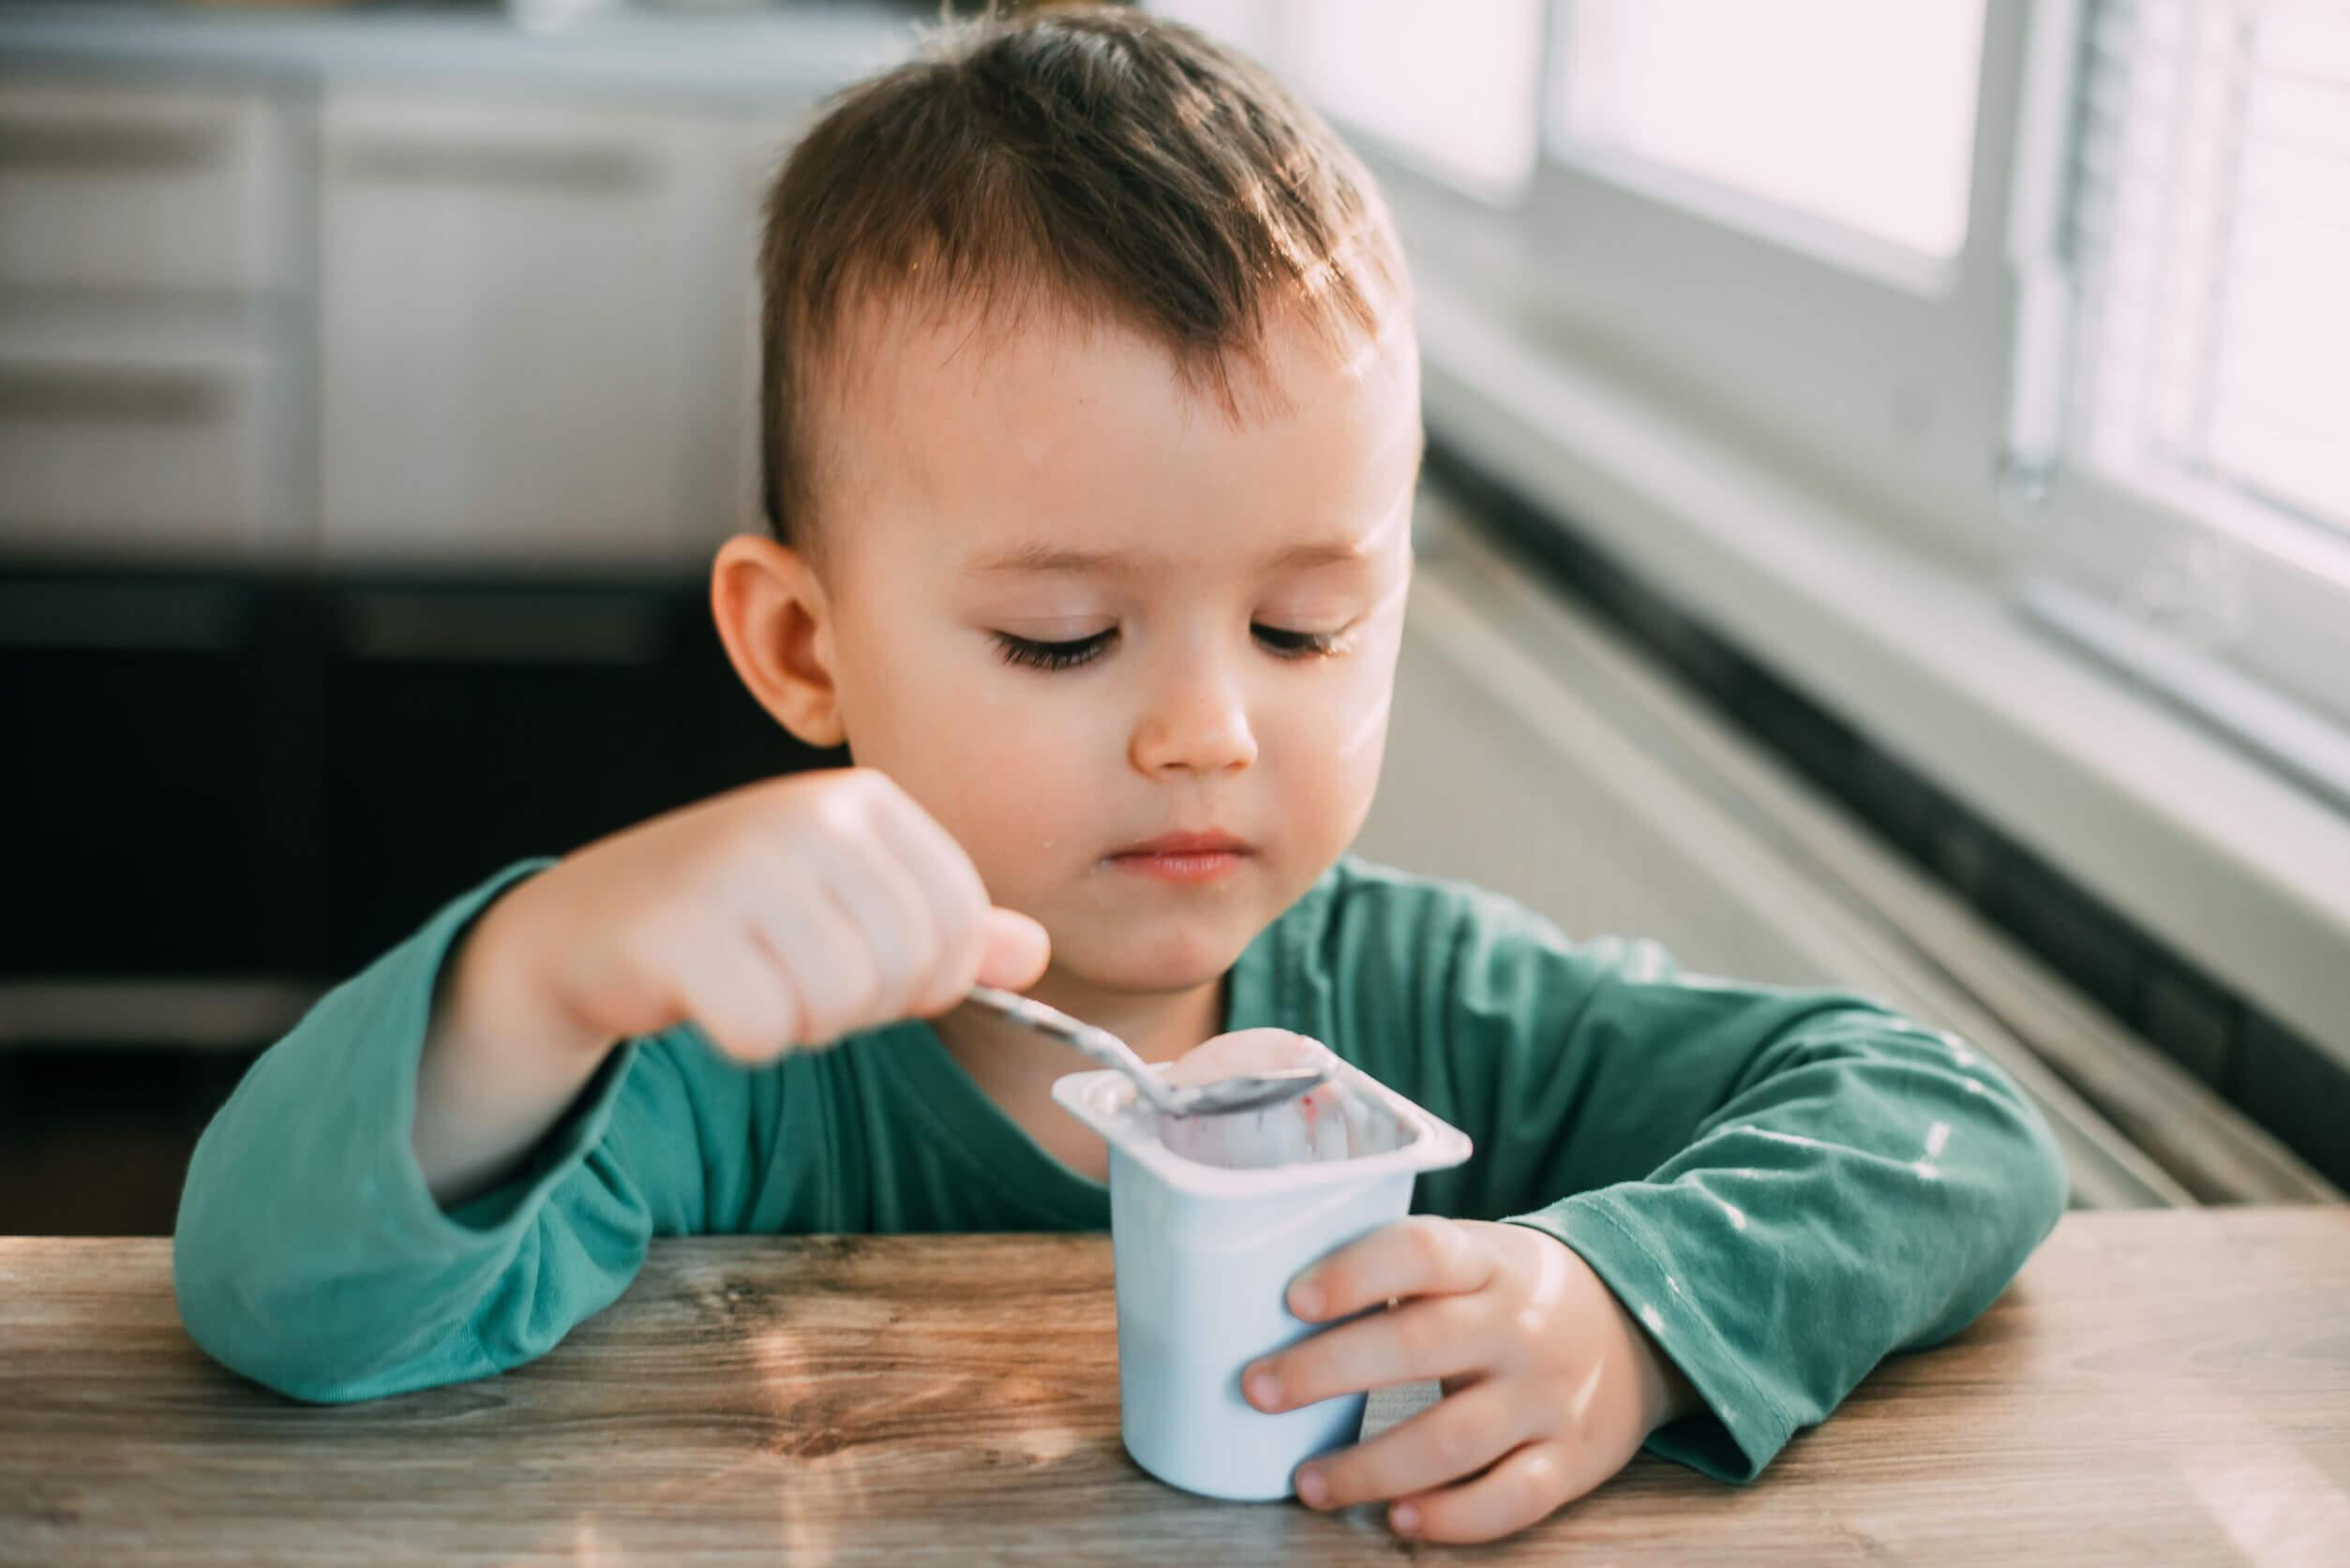 Niño comiendo yogur para aliviar el estreñimiento.